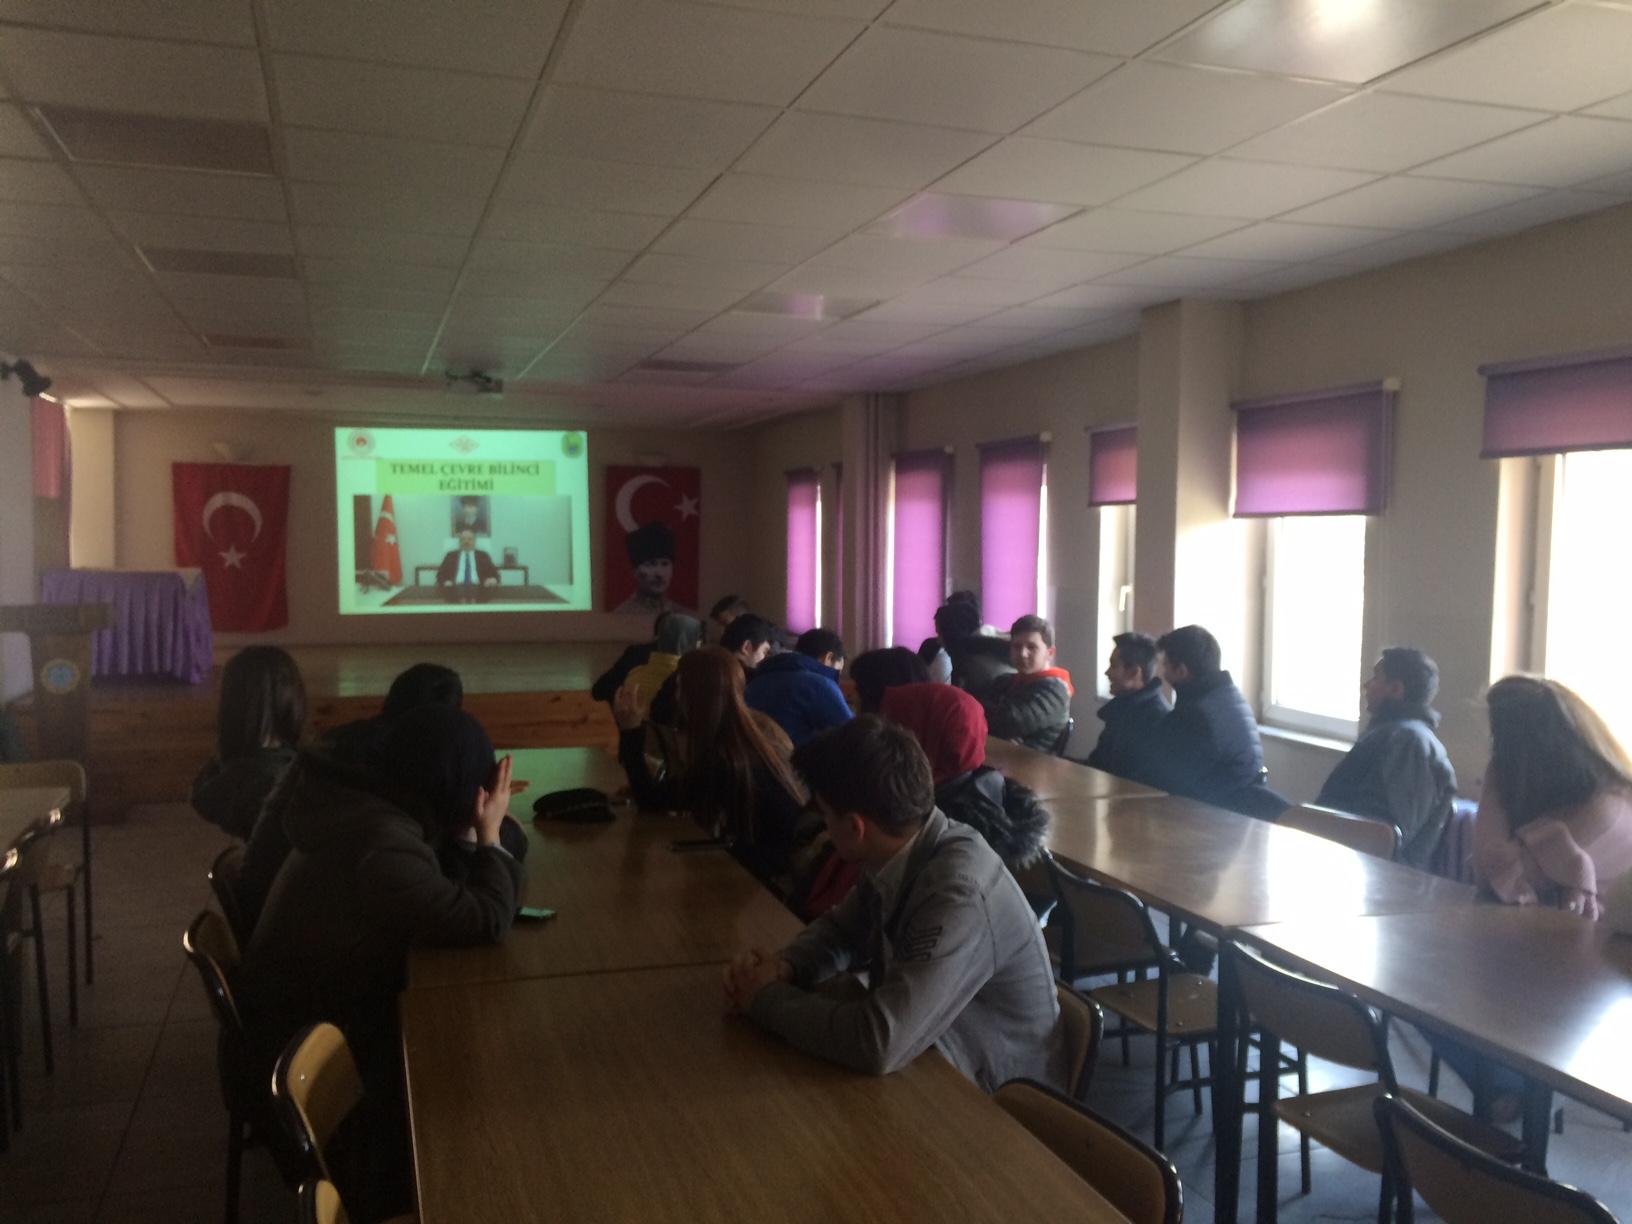 Lütfullah Kocabaşoğlu Mesleki Eğitim Merkezi Müdürlüğü'nde Sıfır Atık Projesi Konulu Toplantı Yapıldı